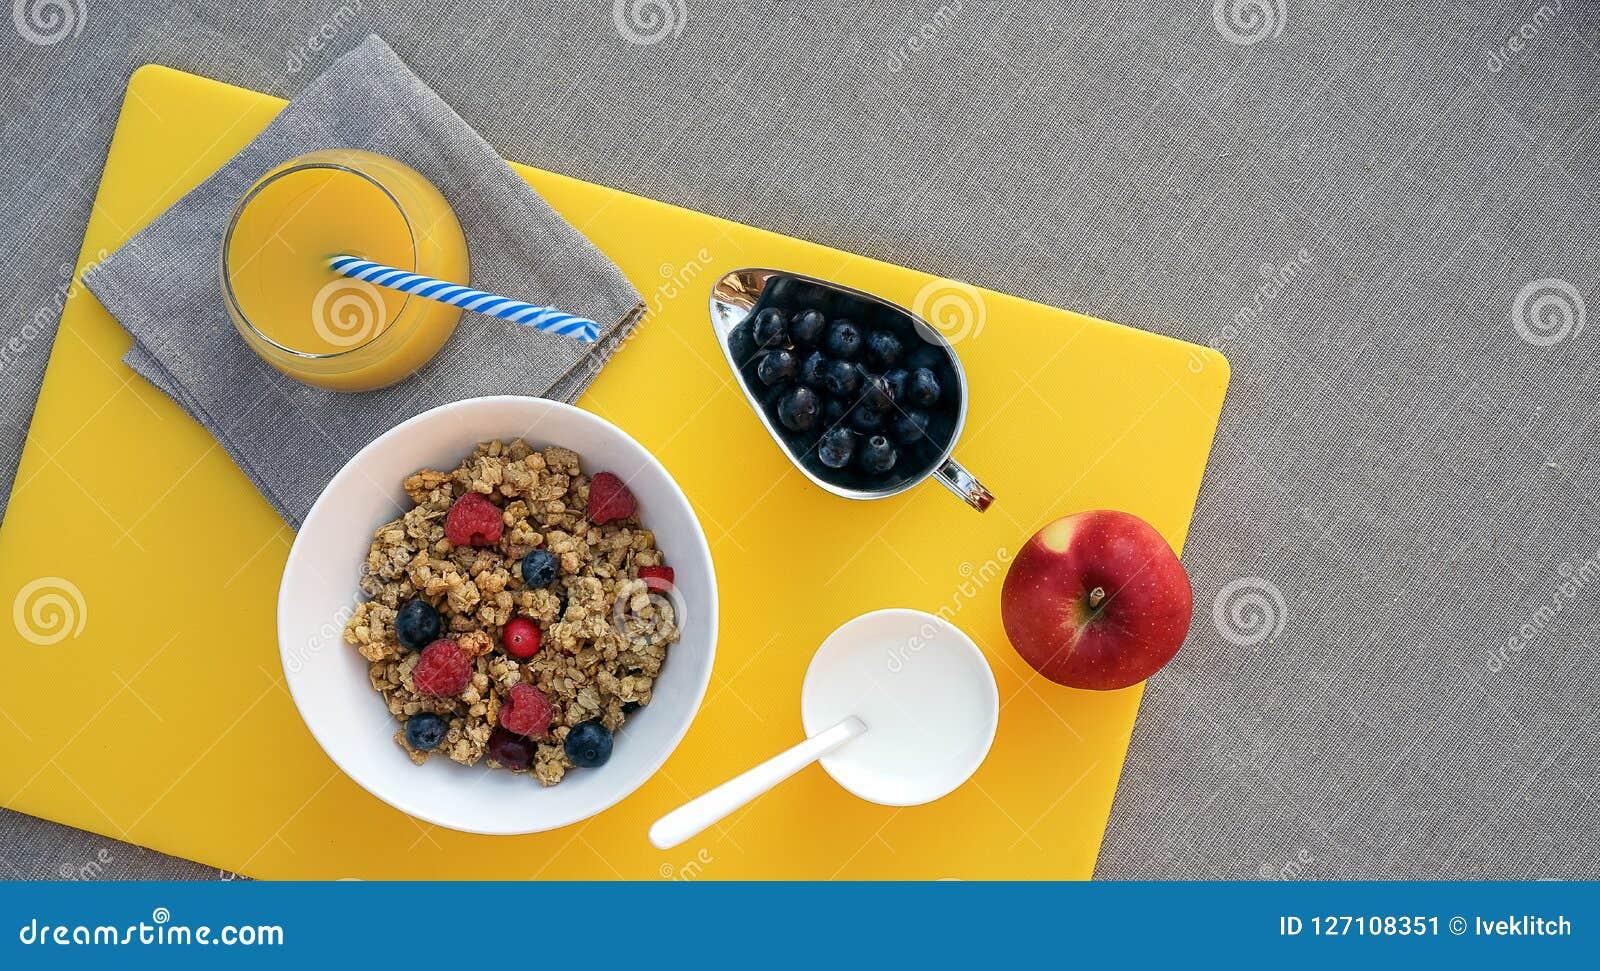 Sund frukost med granola, grekisk yoghurt, äpplet, bär och ny orange fruktsaft på gul skärbräda på grå bordduk